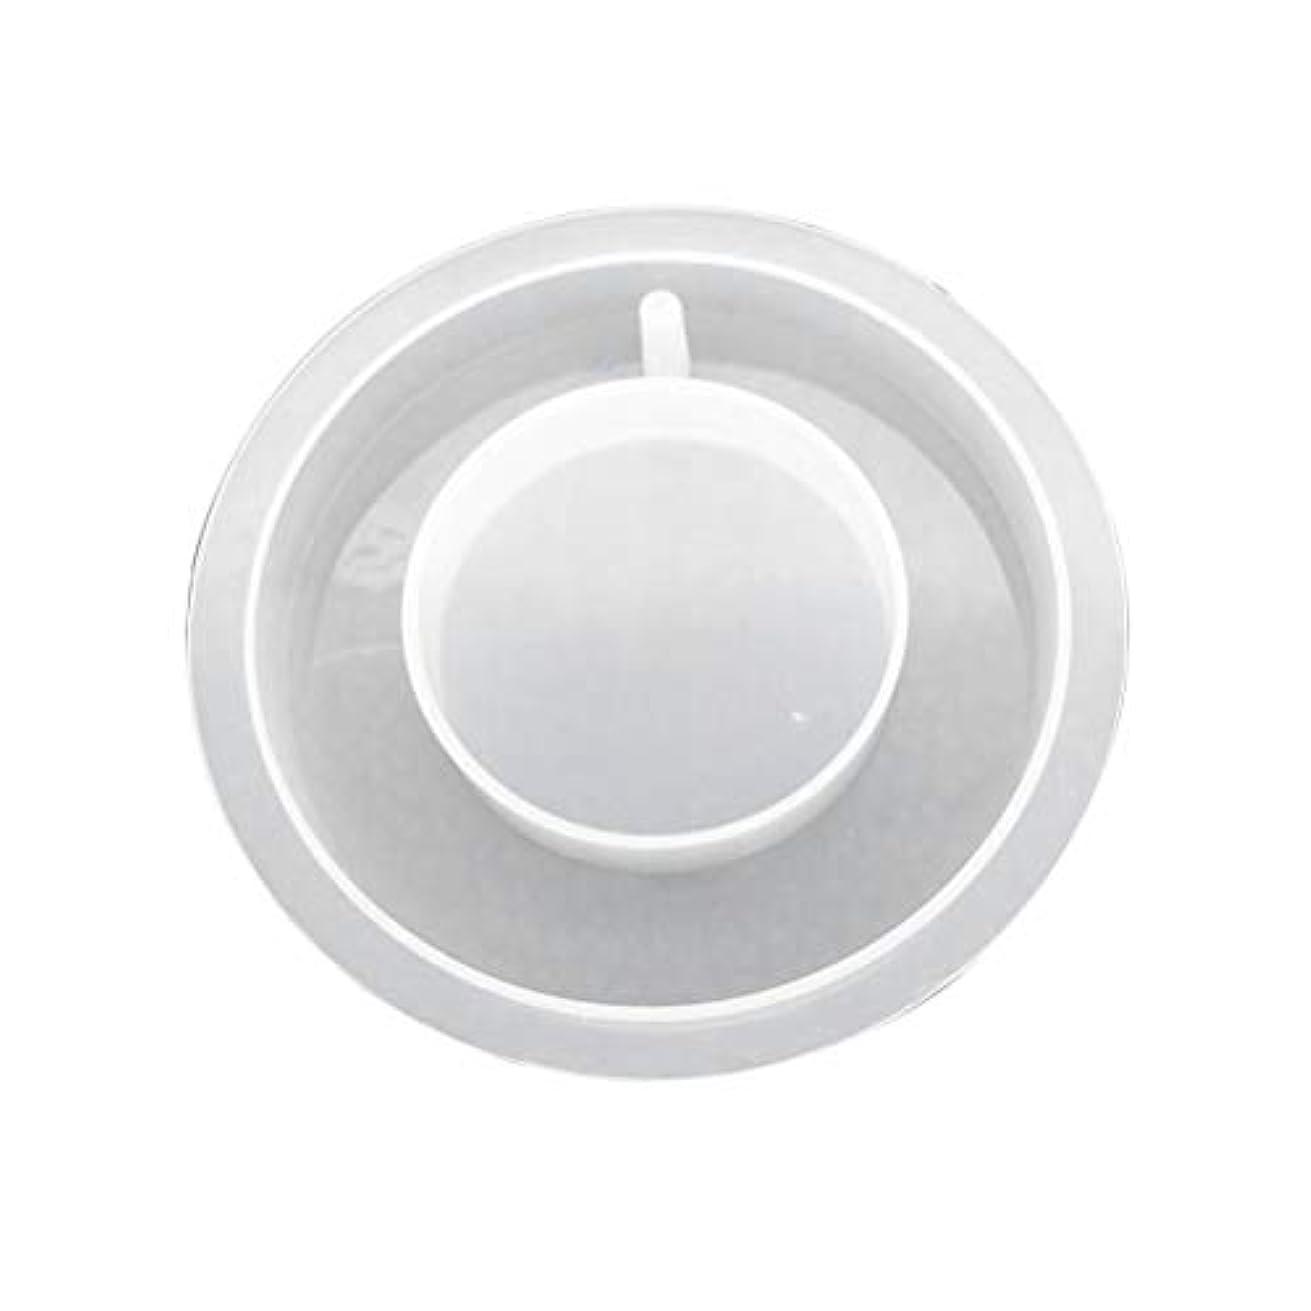 迫害するピックようこそSUPVOX 樹脂シリコーンリング形状ペンダントクリスタルエポキシ金型でぶら下げ穴石鹸キャンドル用diyギフトジュエリーネックレスペンダント作り